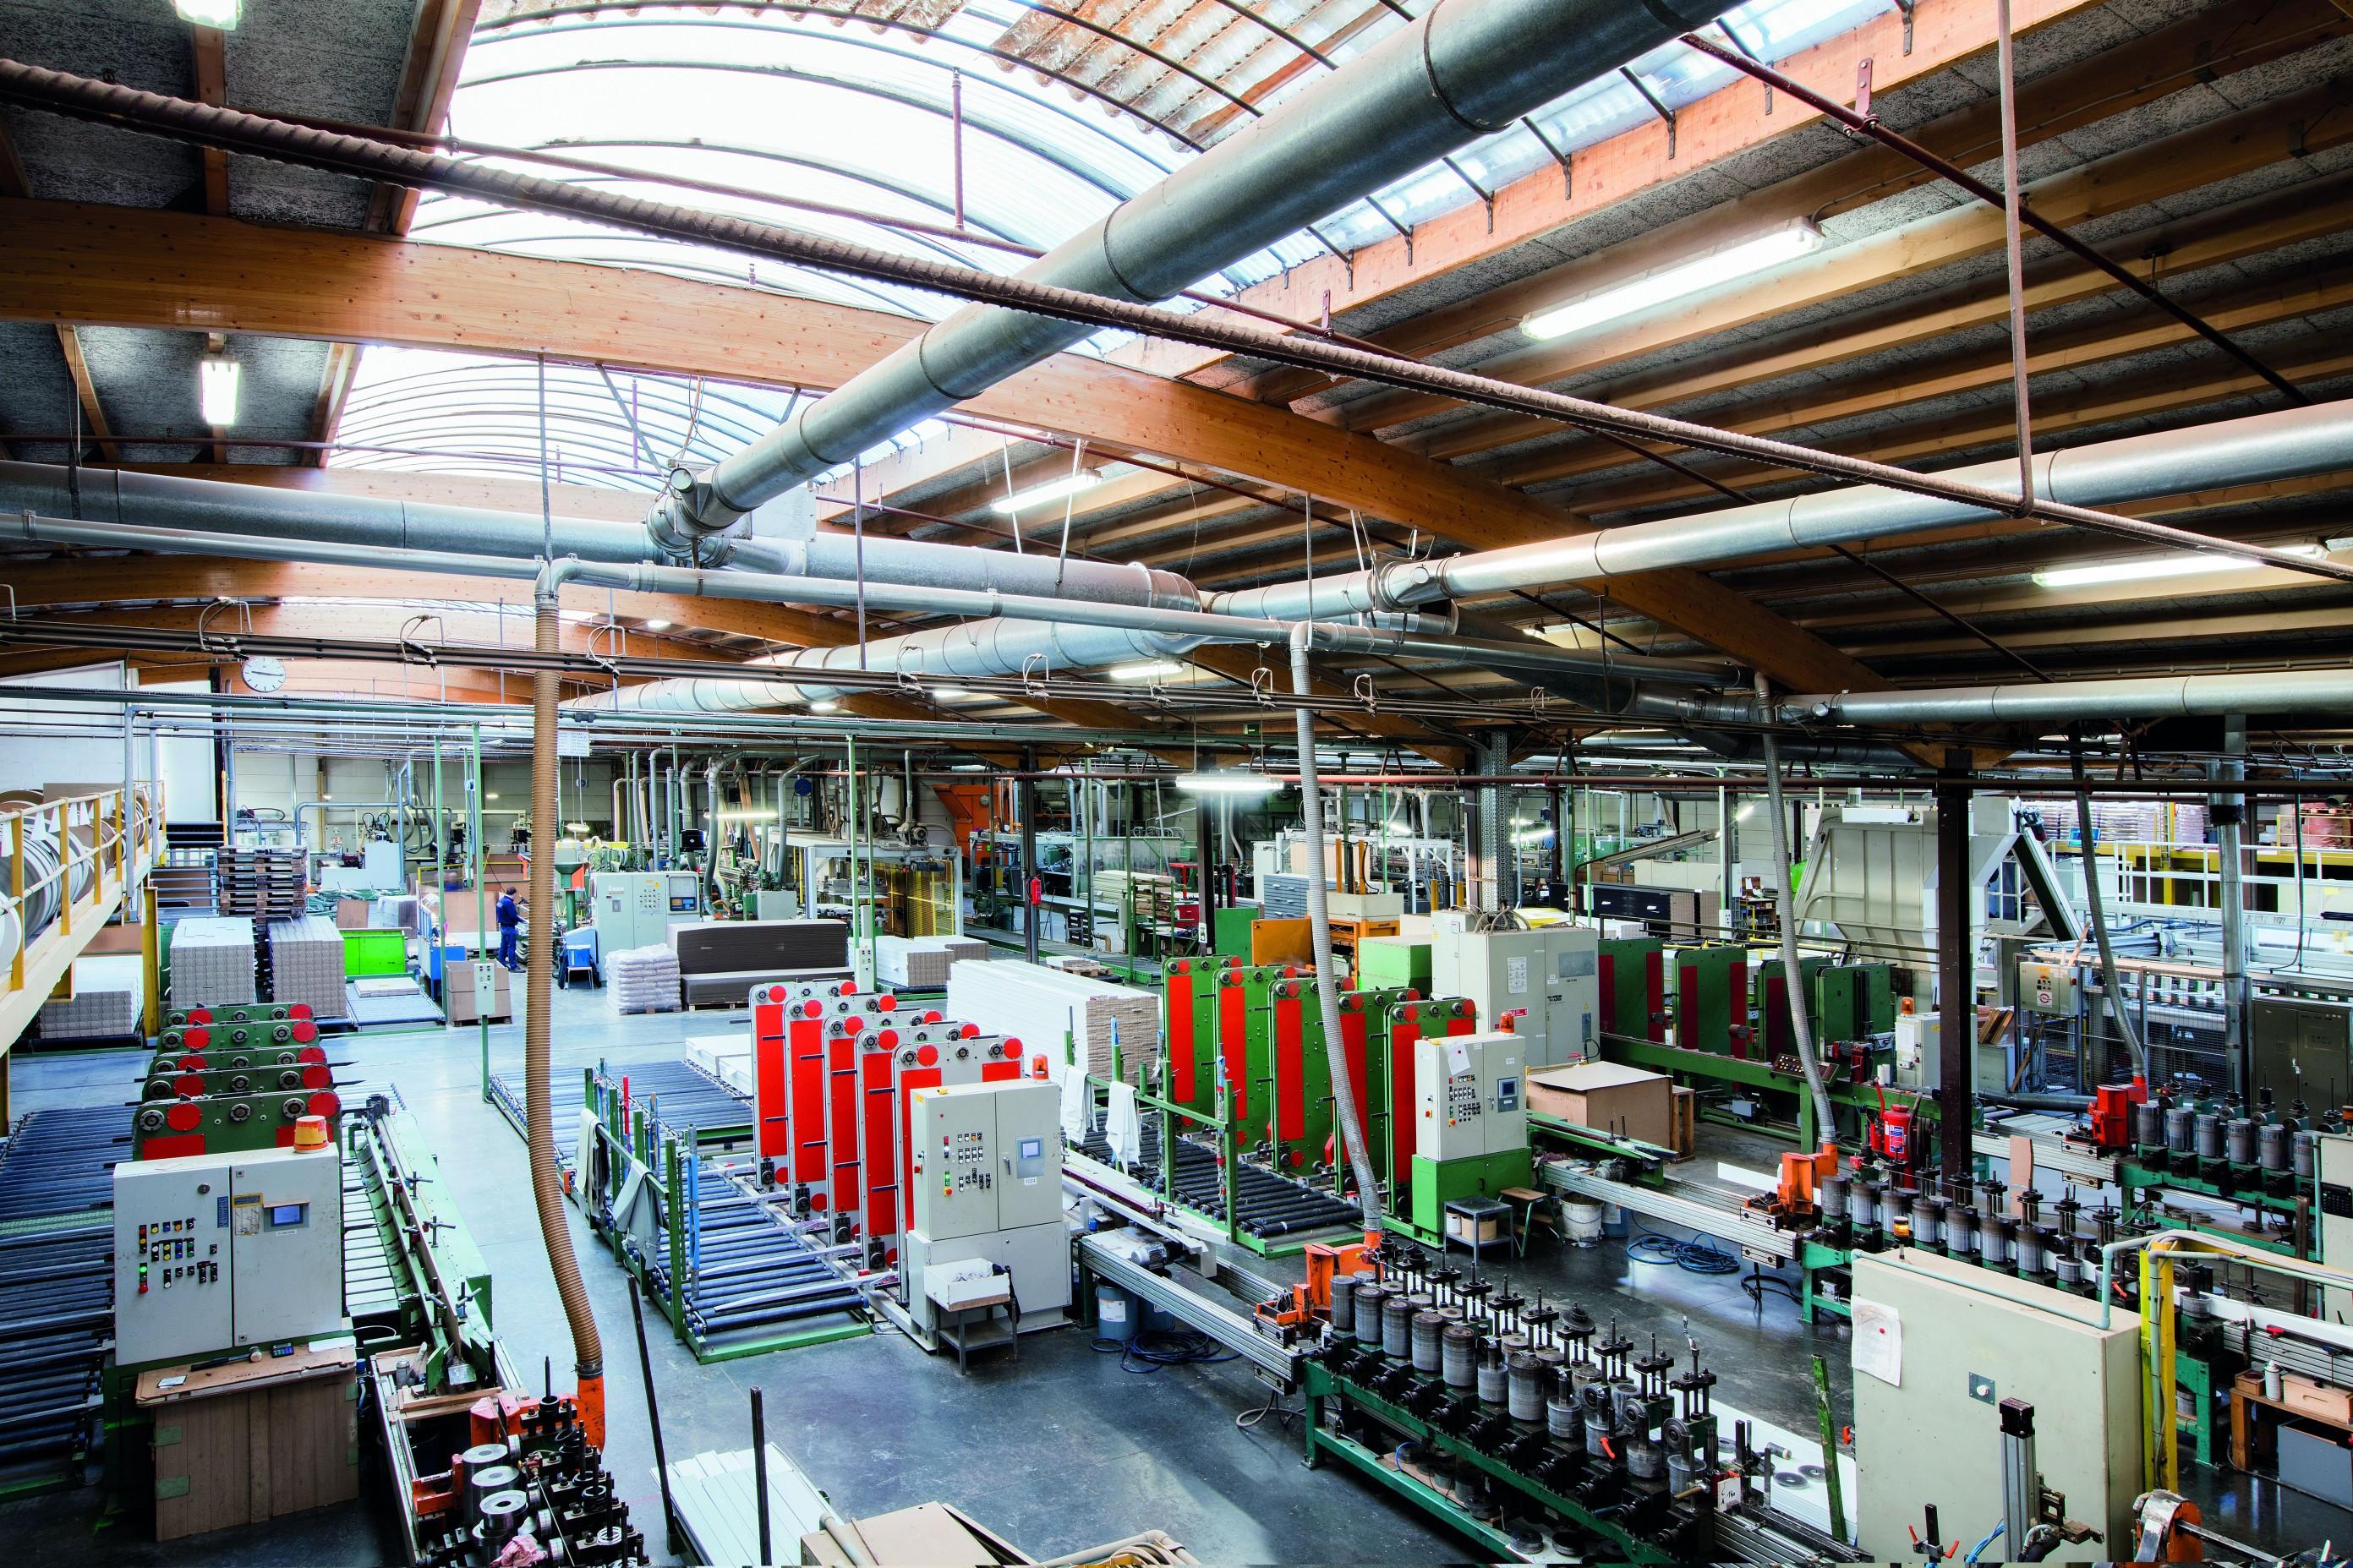 overzicht fabriek van boven Düspohls_2783x0.jpg